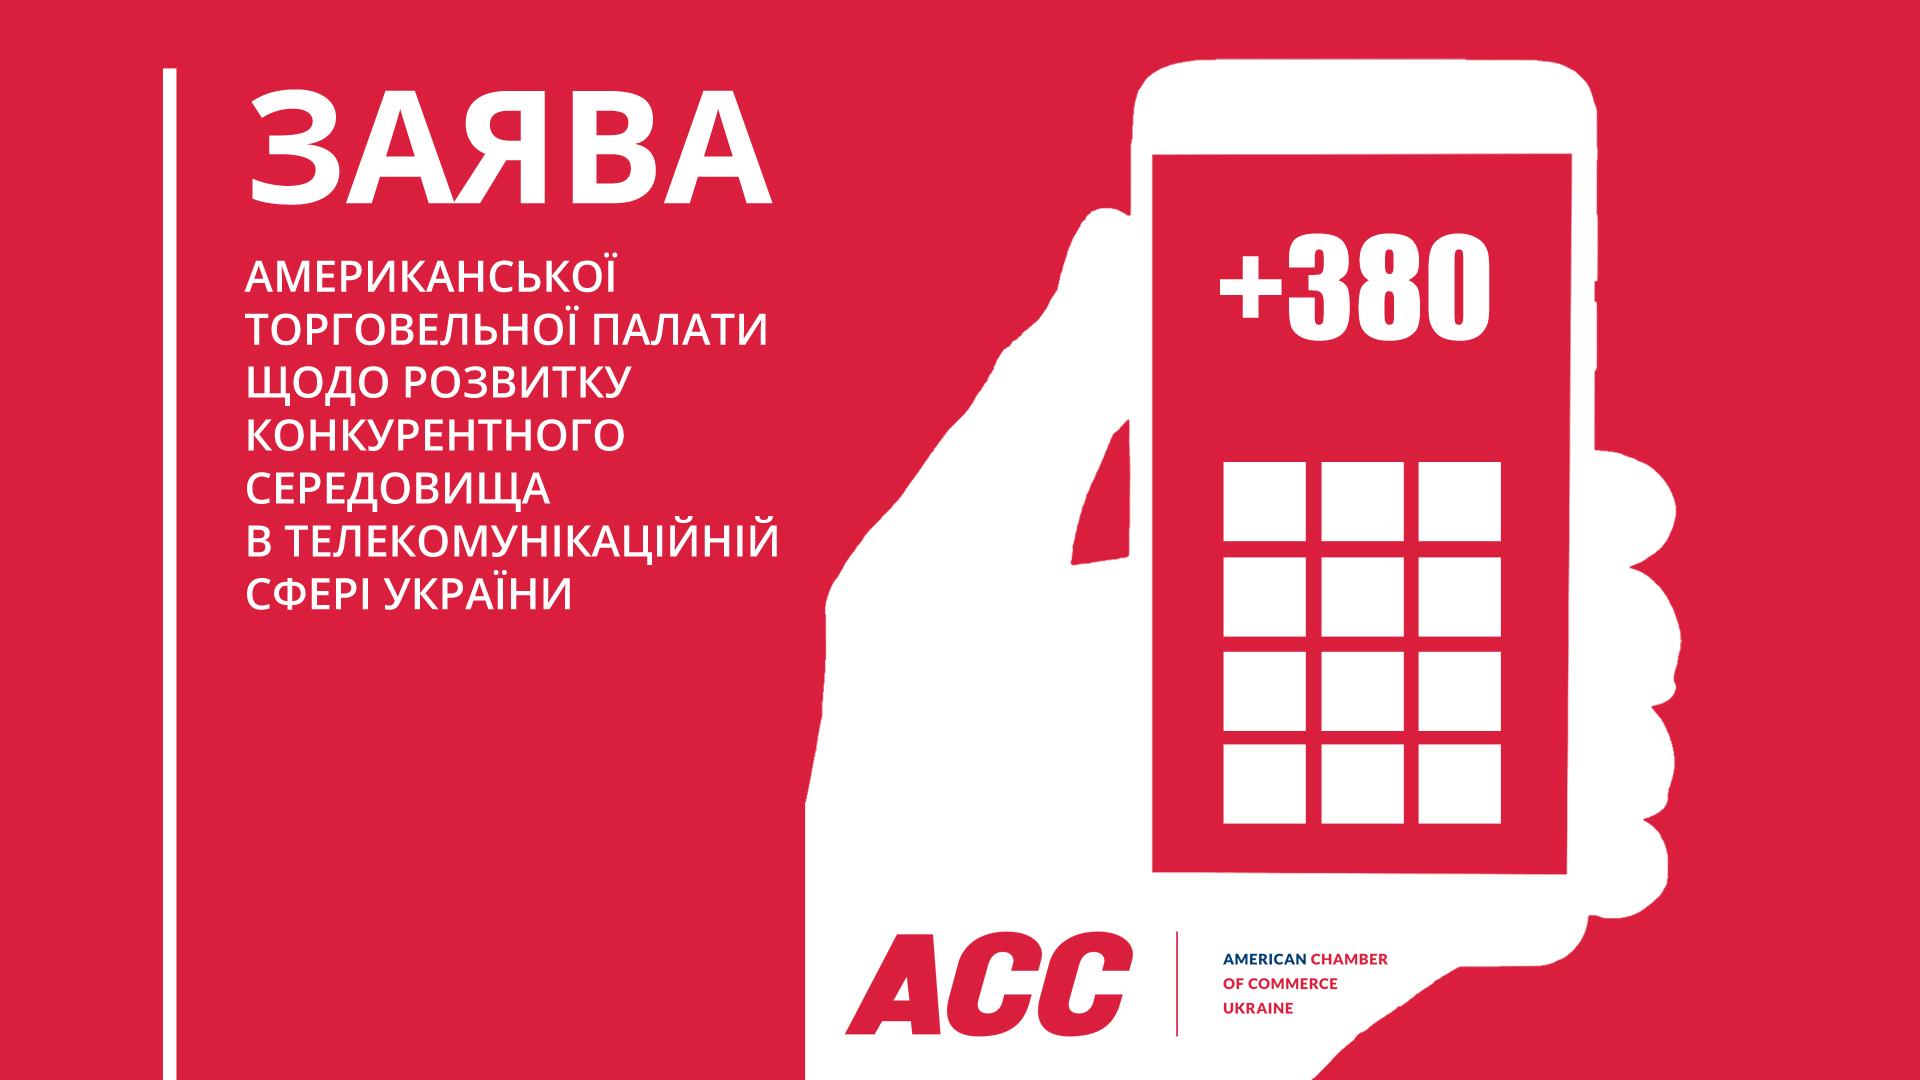 Заява Американської торговельної палати щодо розвитку конкурентного середовища в телекомунікаційній сфері України